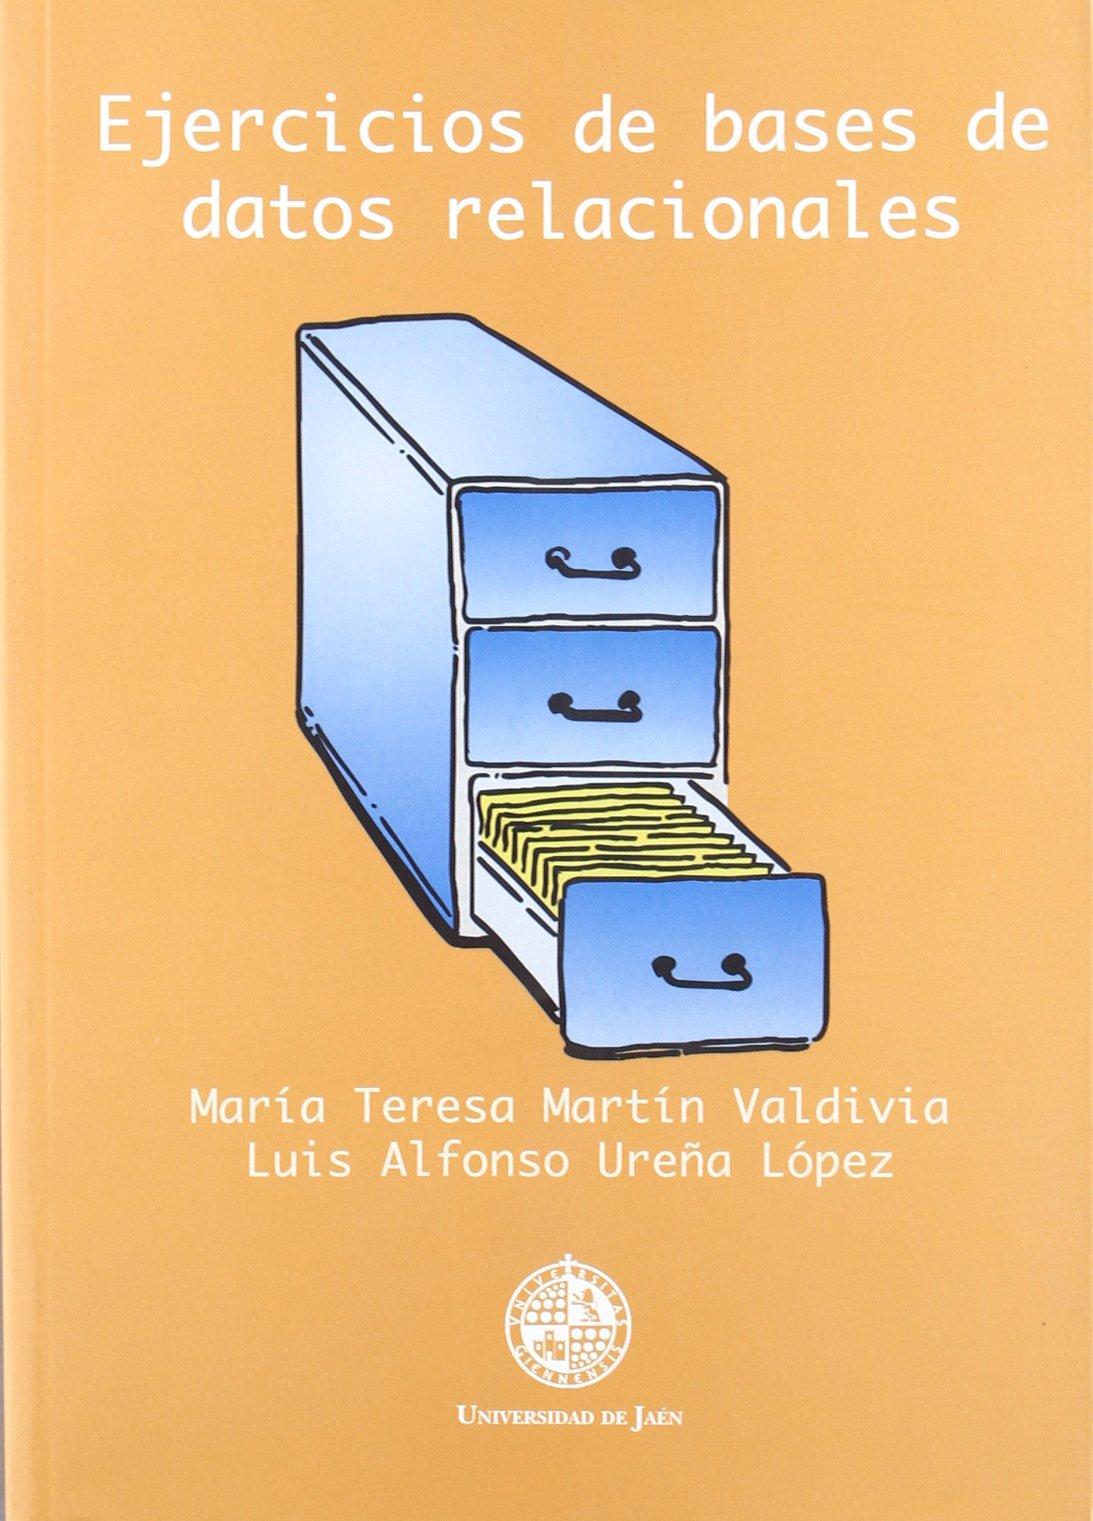 Ejercicios de bases de datos relacionales (Colección Techné) Tapa blanda – 23 nov 2001 Luis Alfonso Ureña López 8484390772 809225